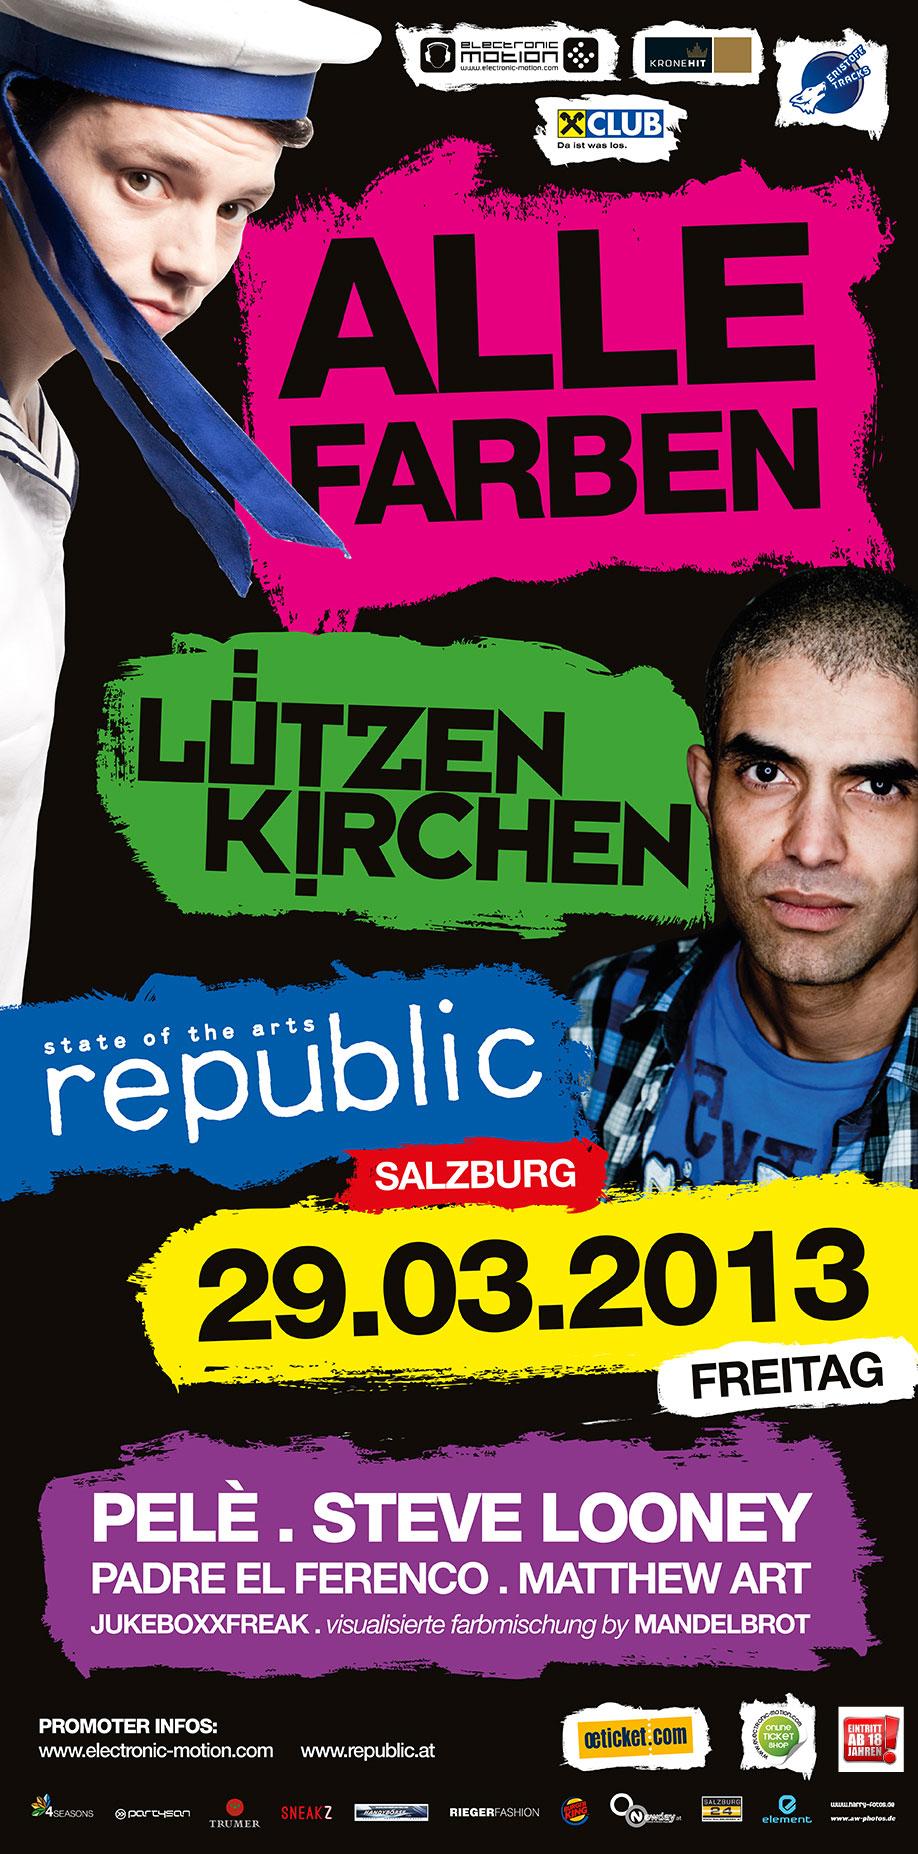 ALLE FARBEN & LÜTZENKIRCHEN, 29.03.2013 @ republic, Salzburg